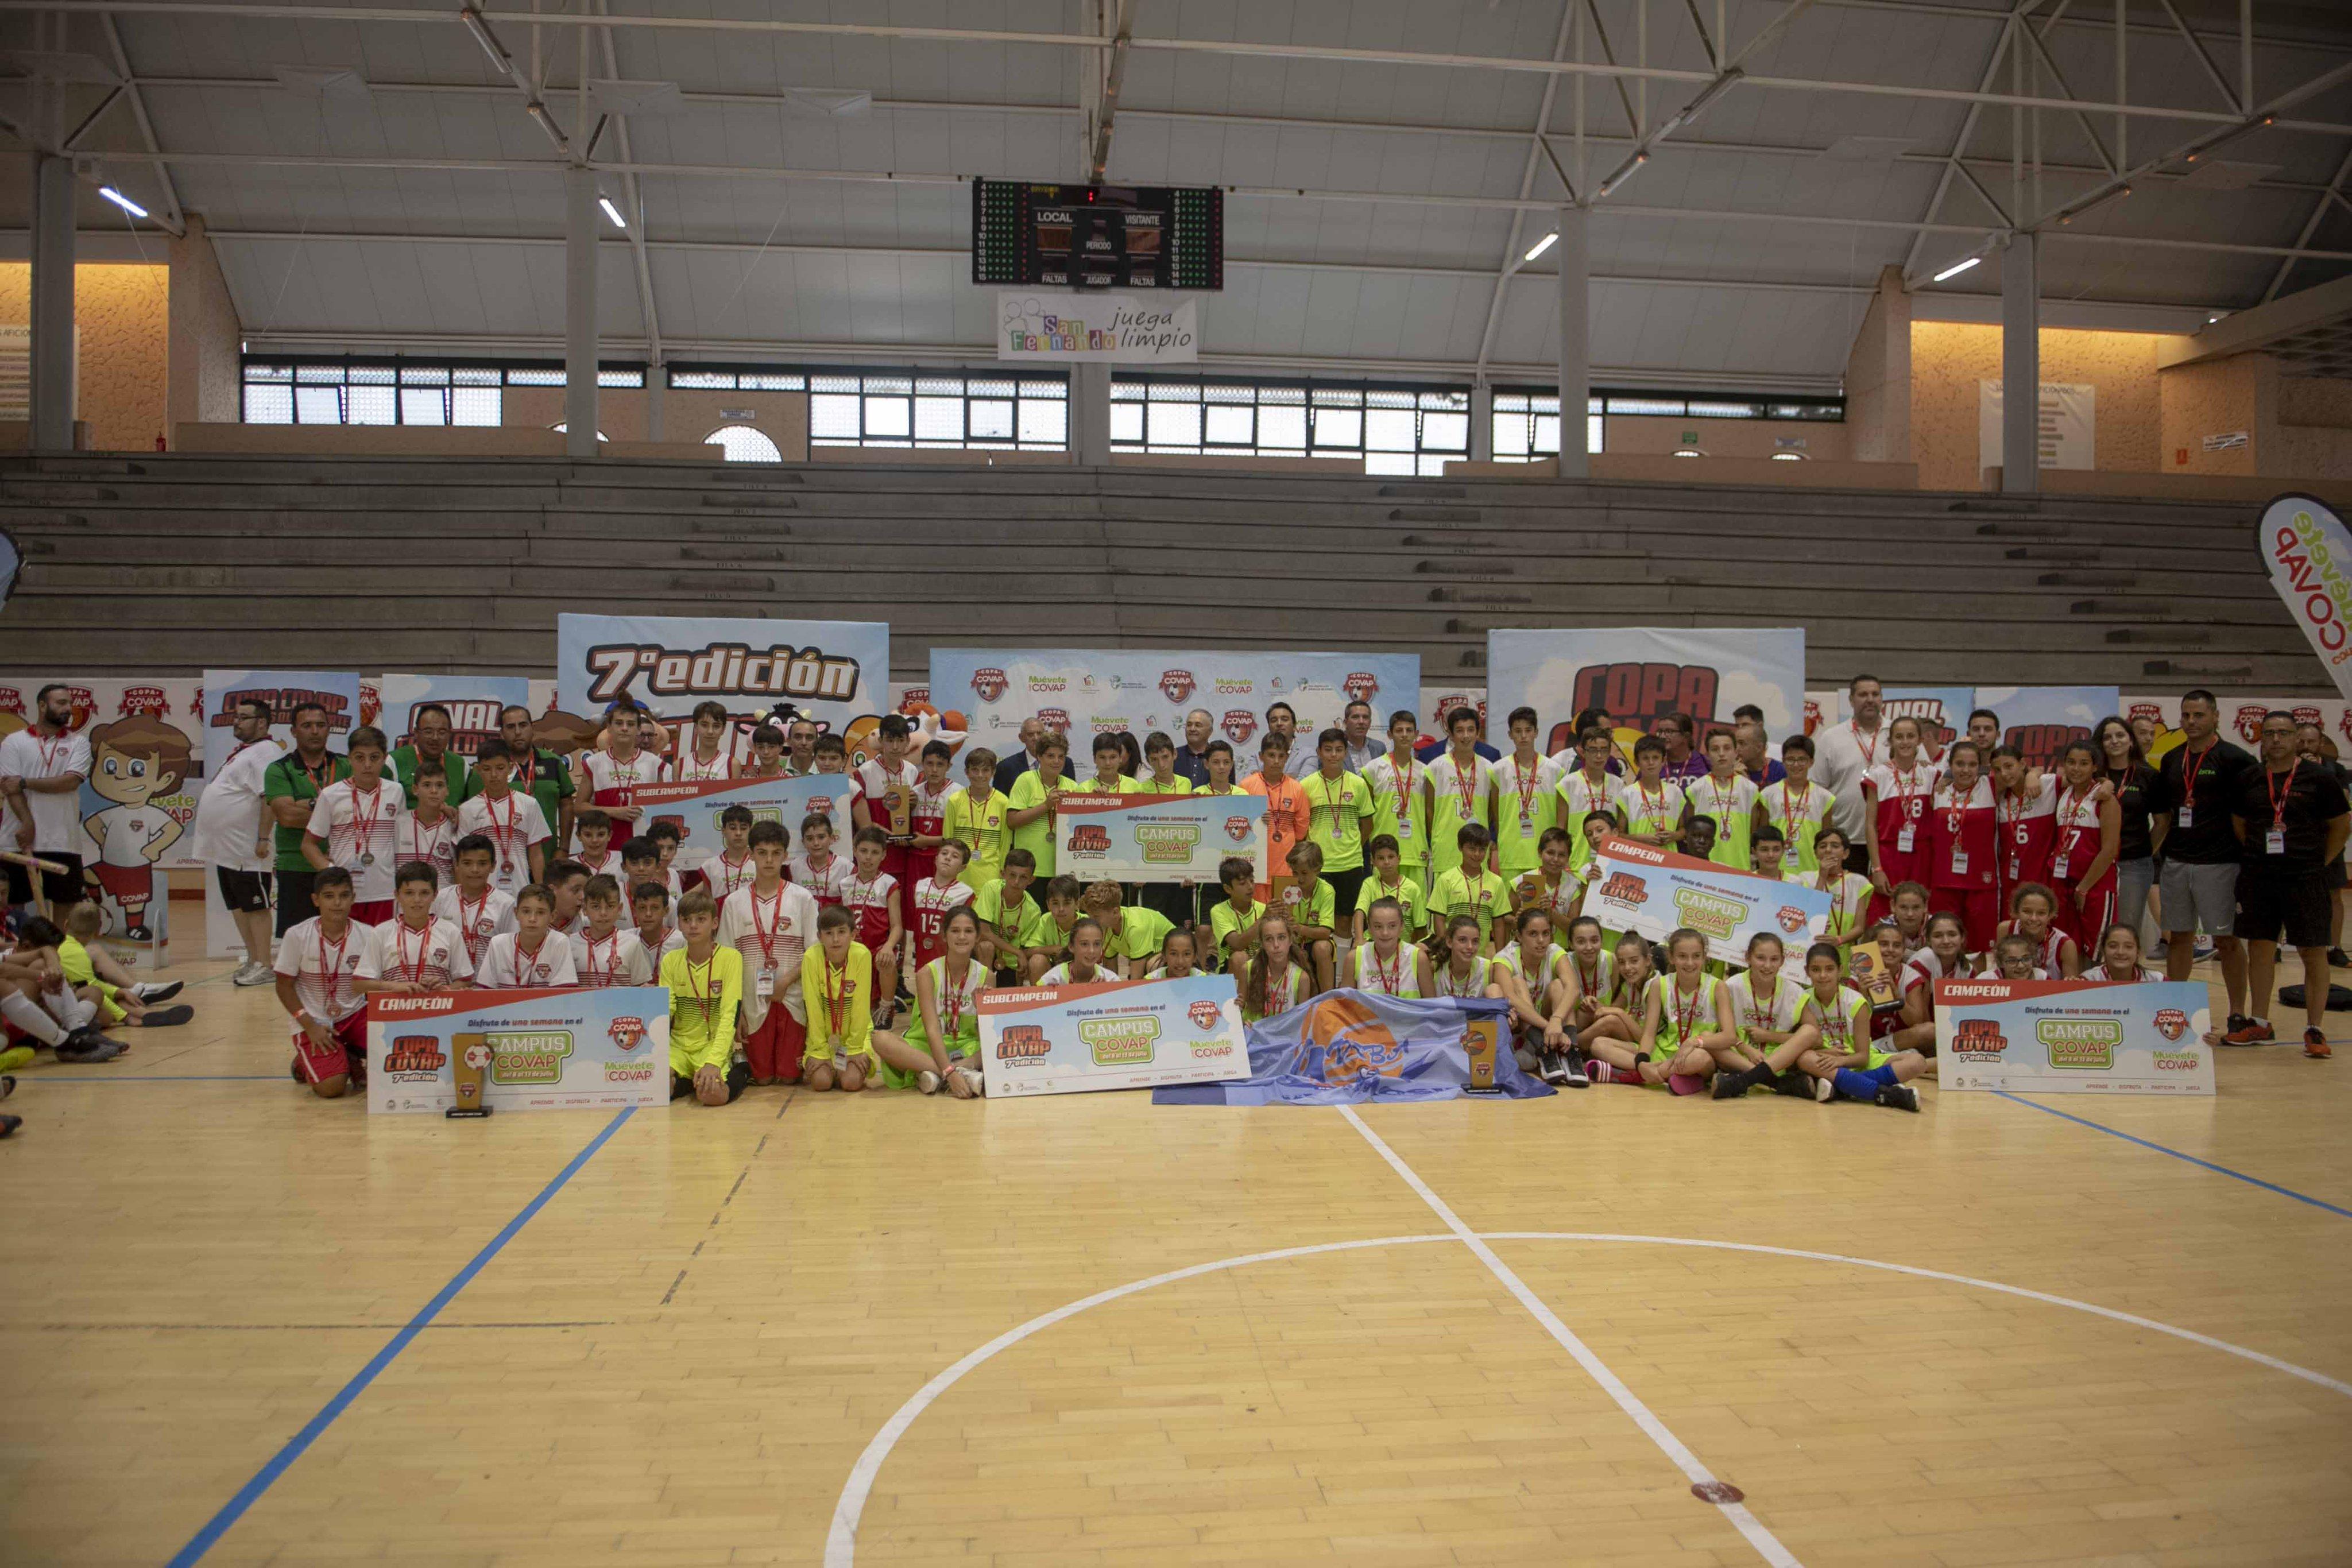 Finaliza la 7ª edición de la Copa COVAP | COVAP